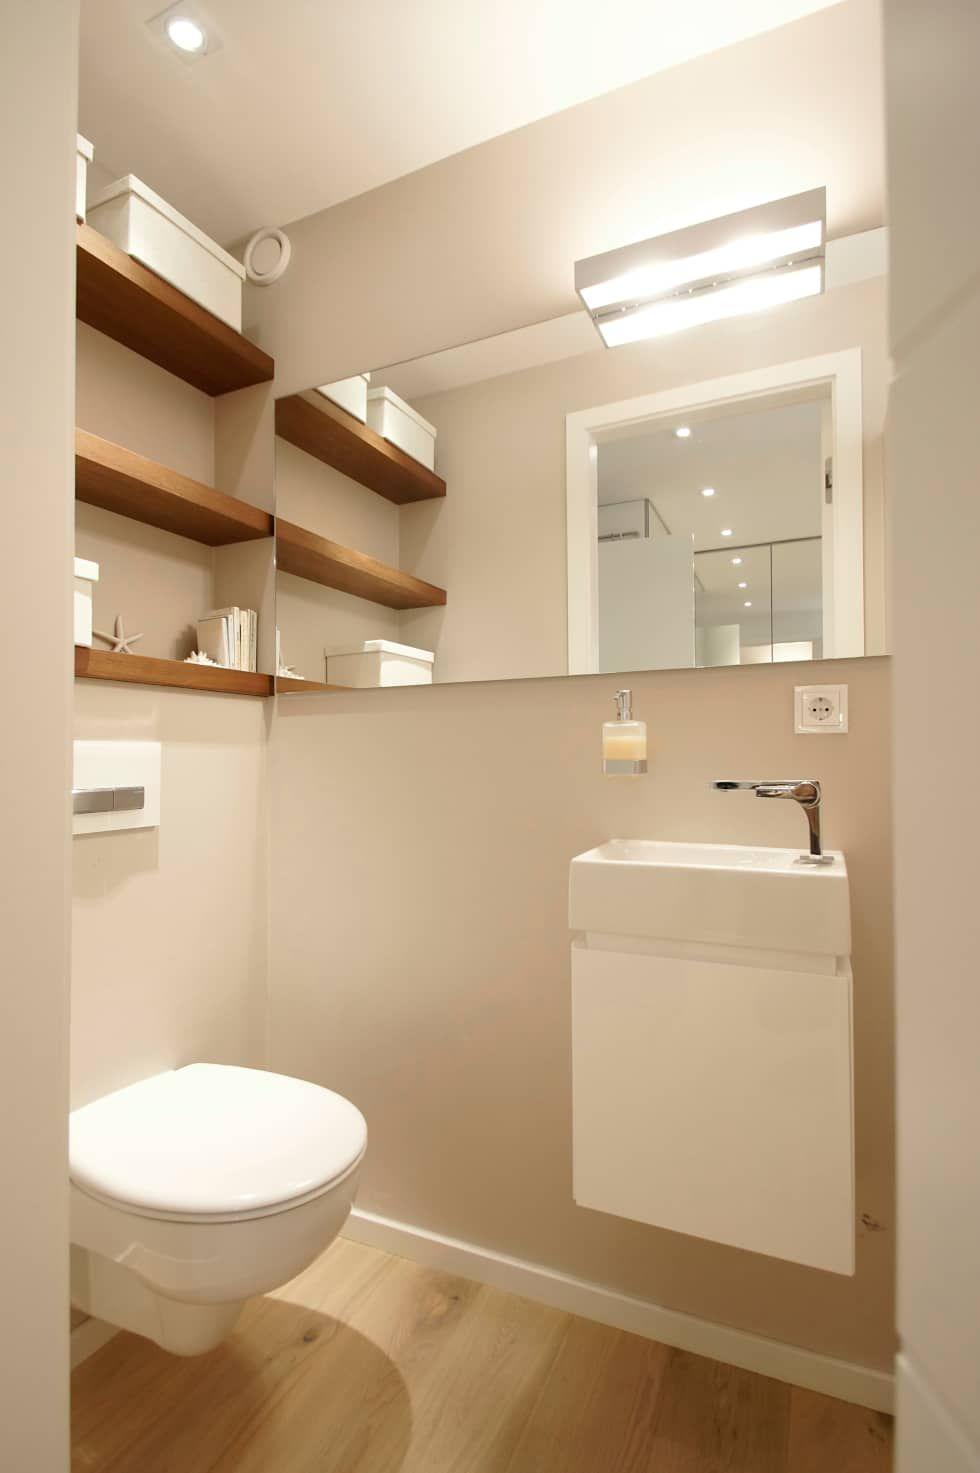 moderne badezimmer bilder: wohnung k, Badezimmer ideen